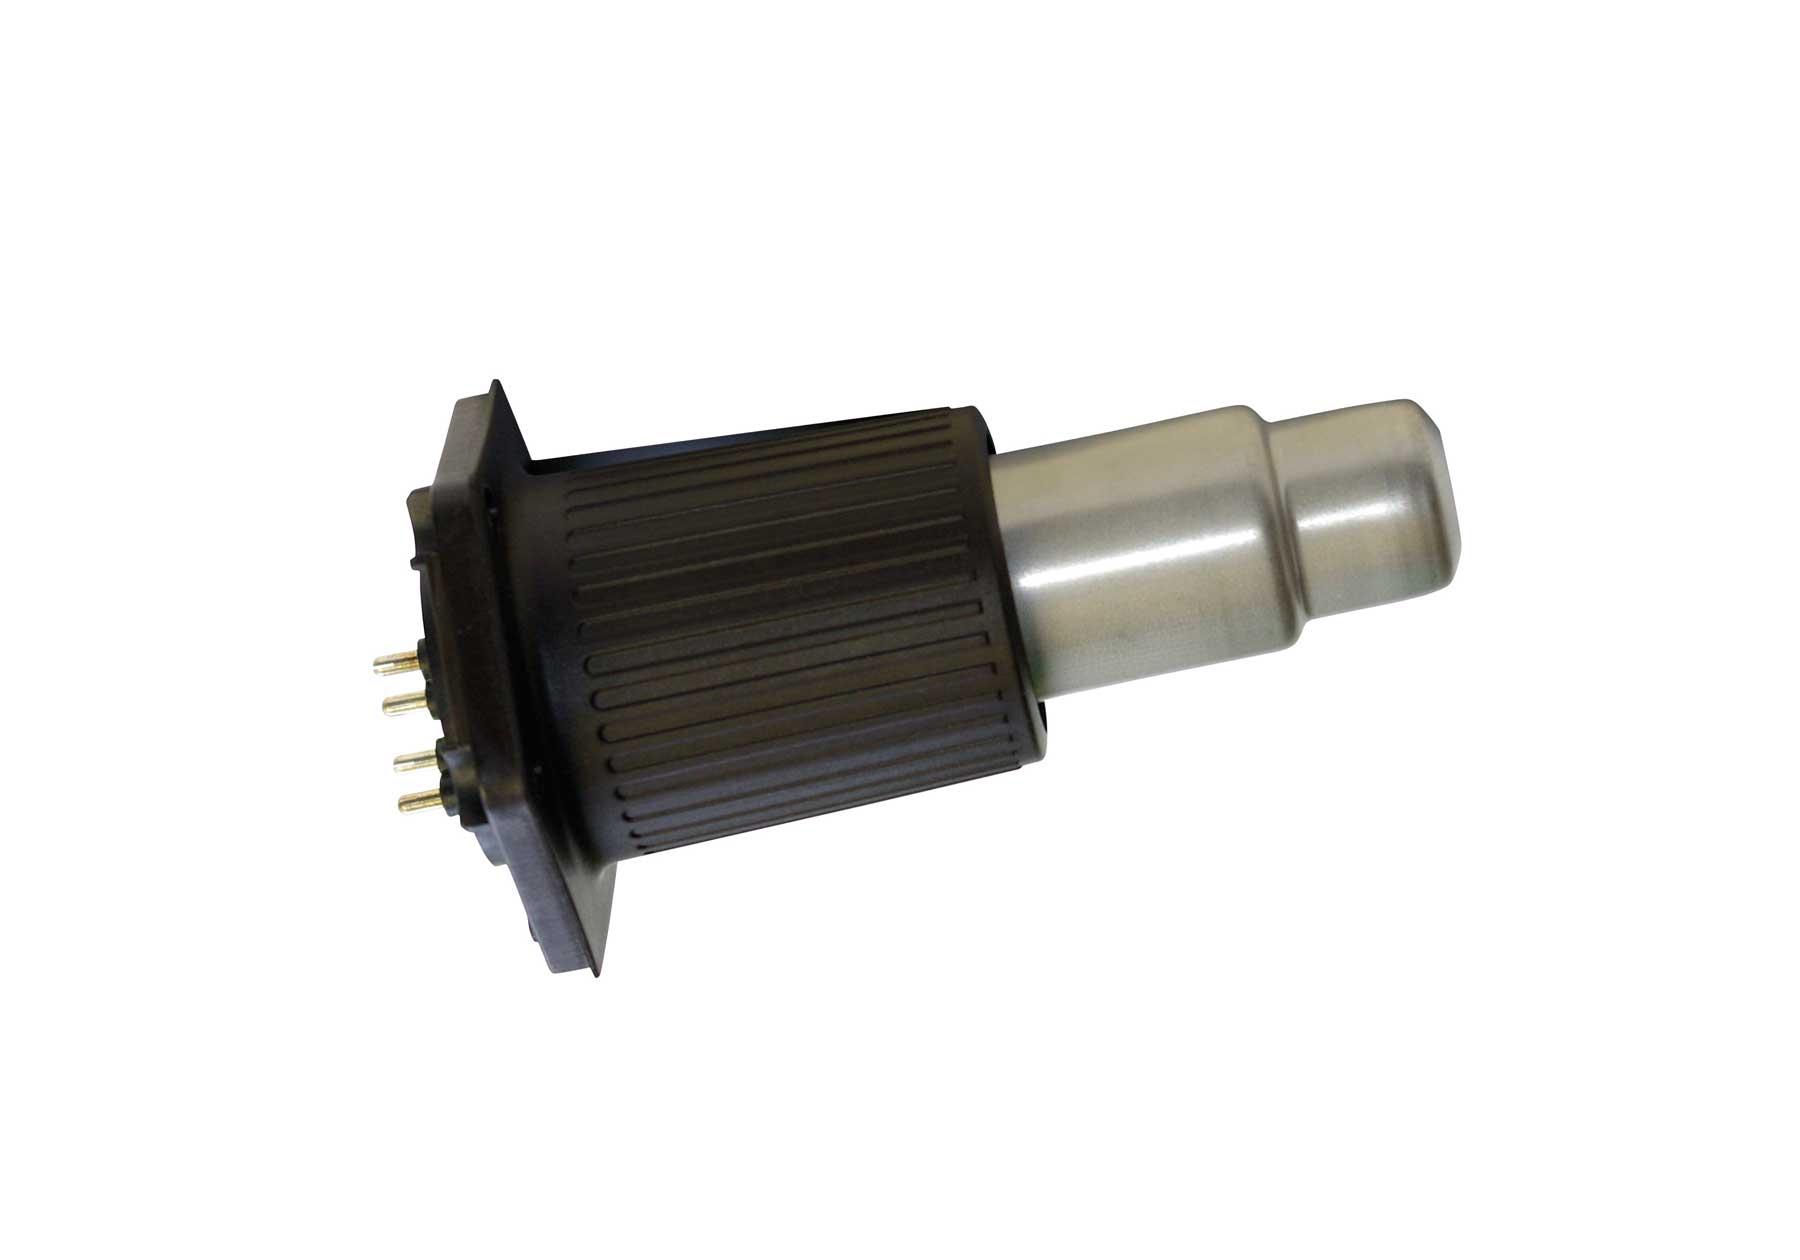 Ersatz-Heizpatrone 2300 W / Spare heating element 2300 W